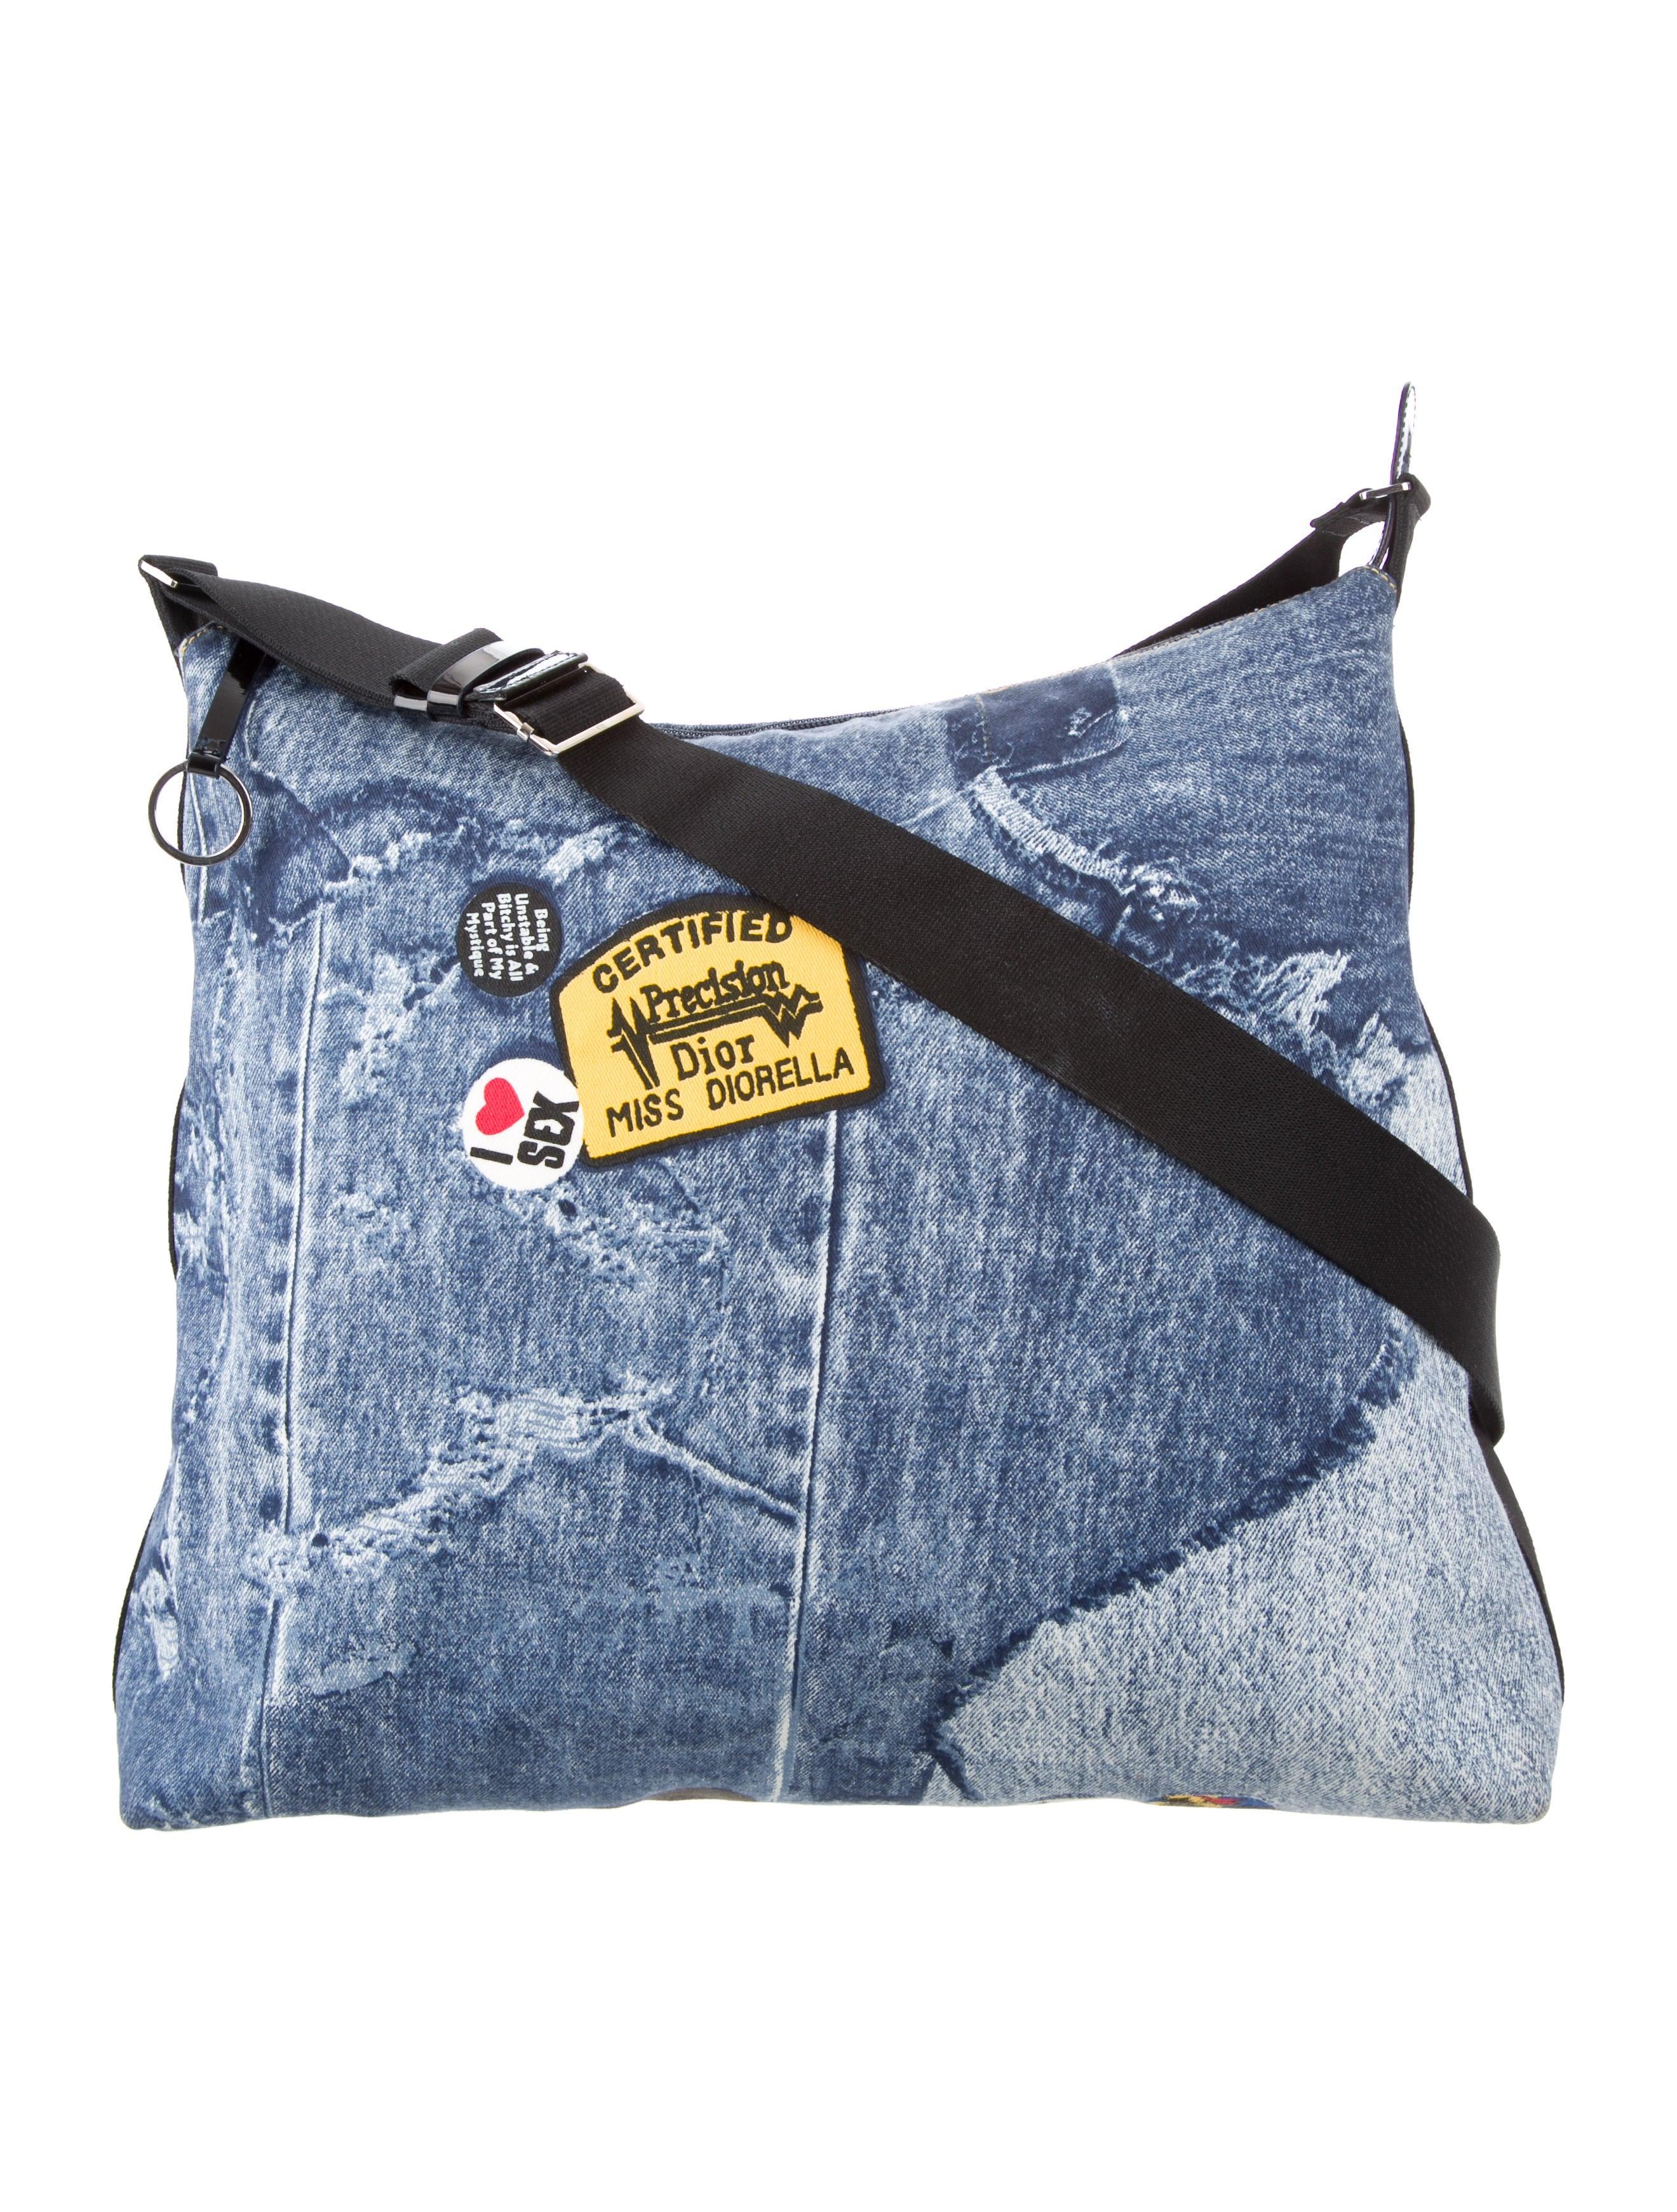 Christian Dior Miss Diorella Messenger Bag - Handbags - CHR63900 ... 901c0c516312a